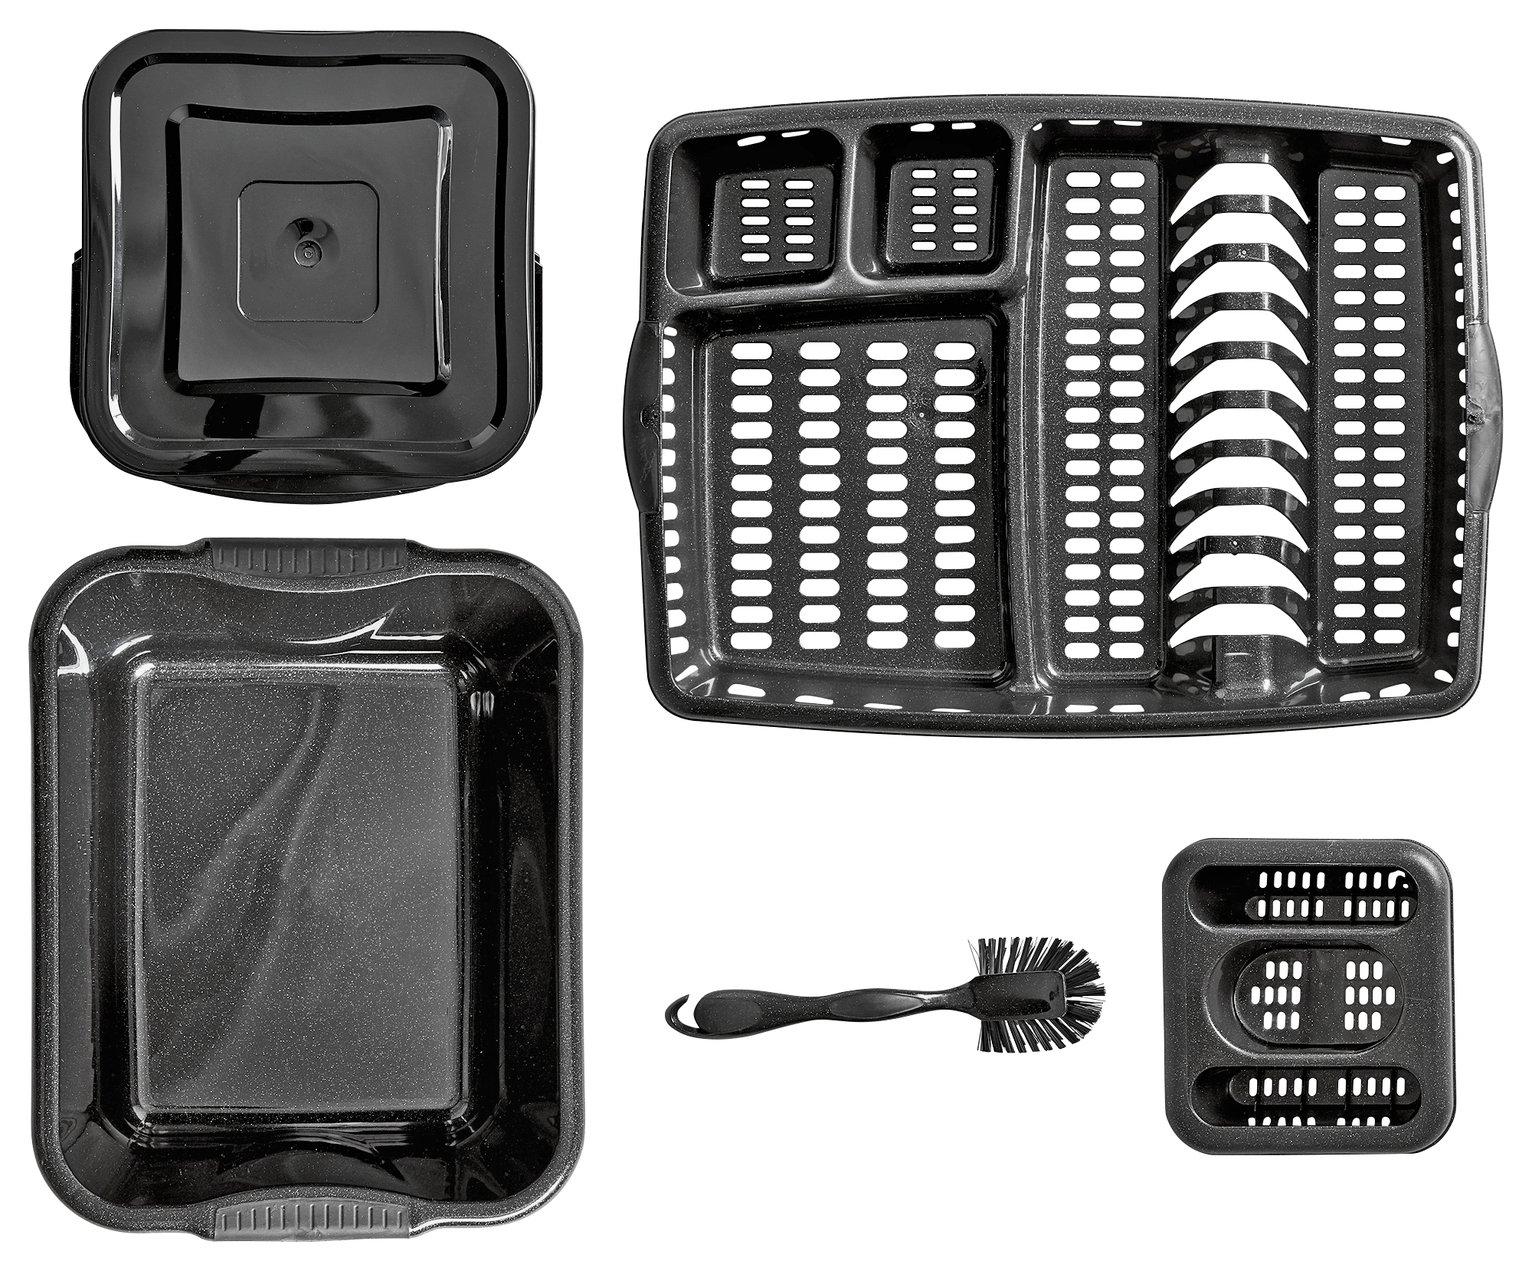 Argos Home Soft Grips 5 Piece Kitchen Set Black Glitter - £11.25 - Free Click & Collect @ Argos